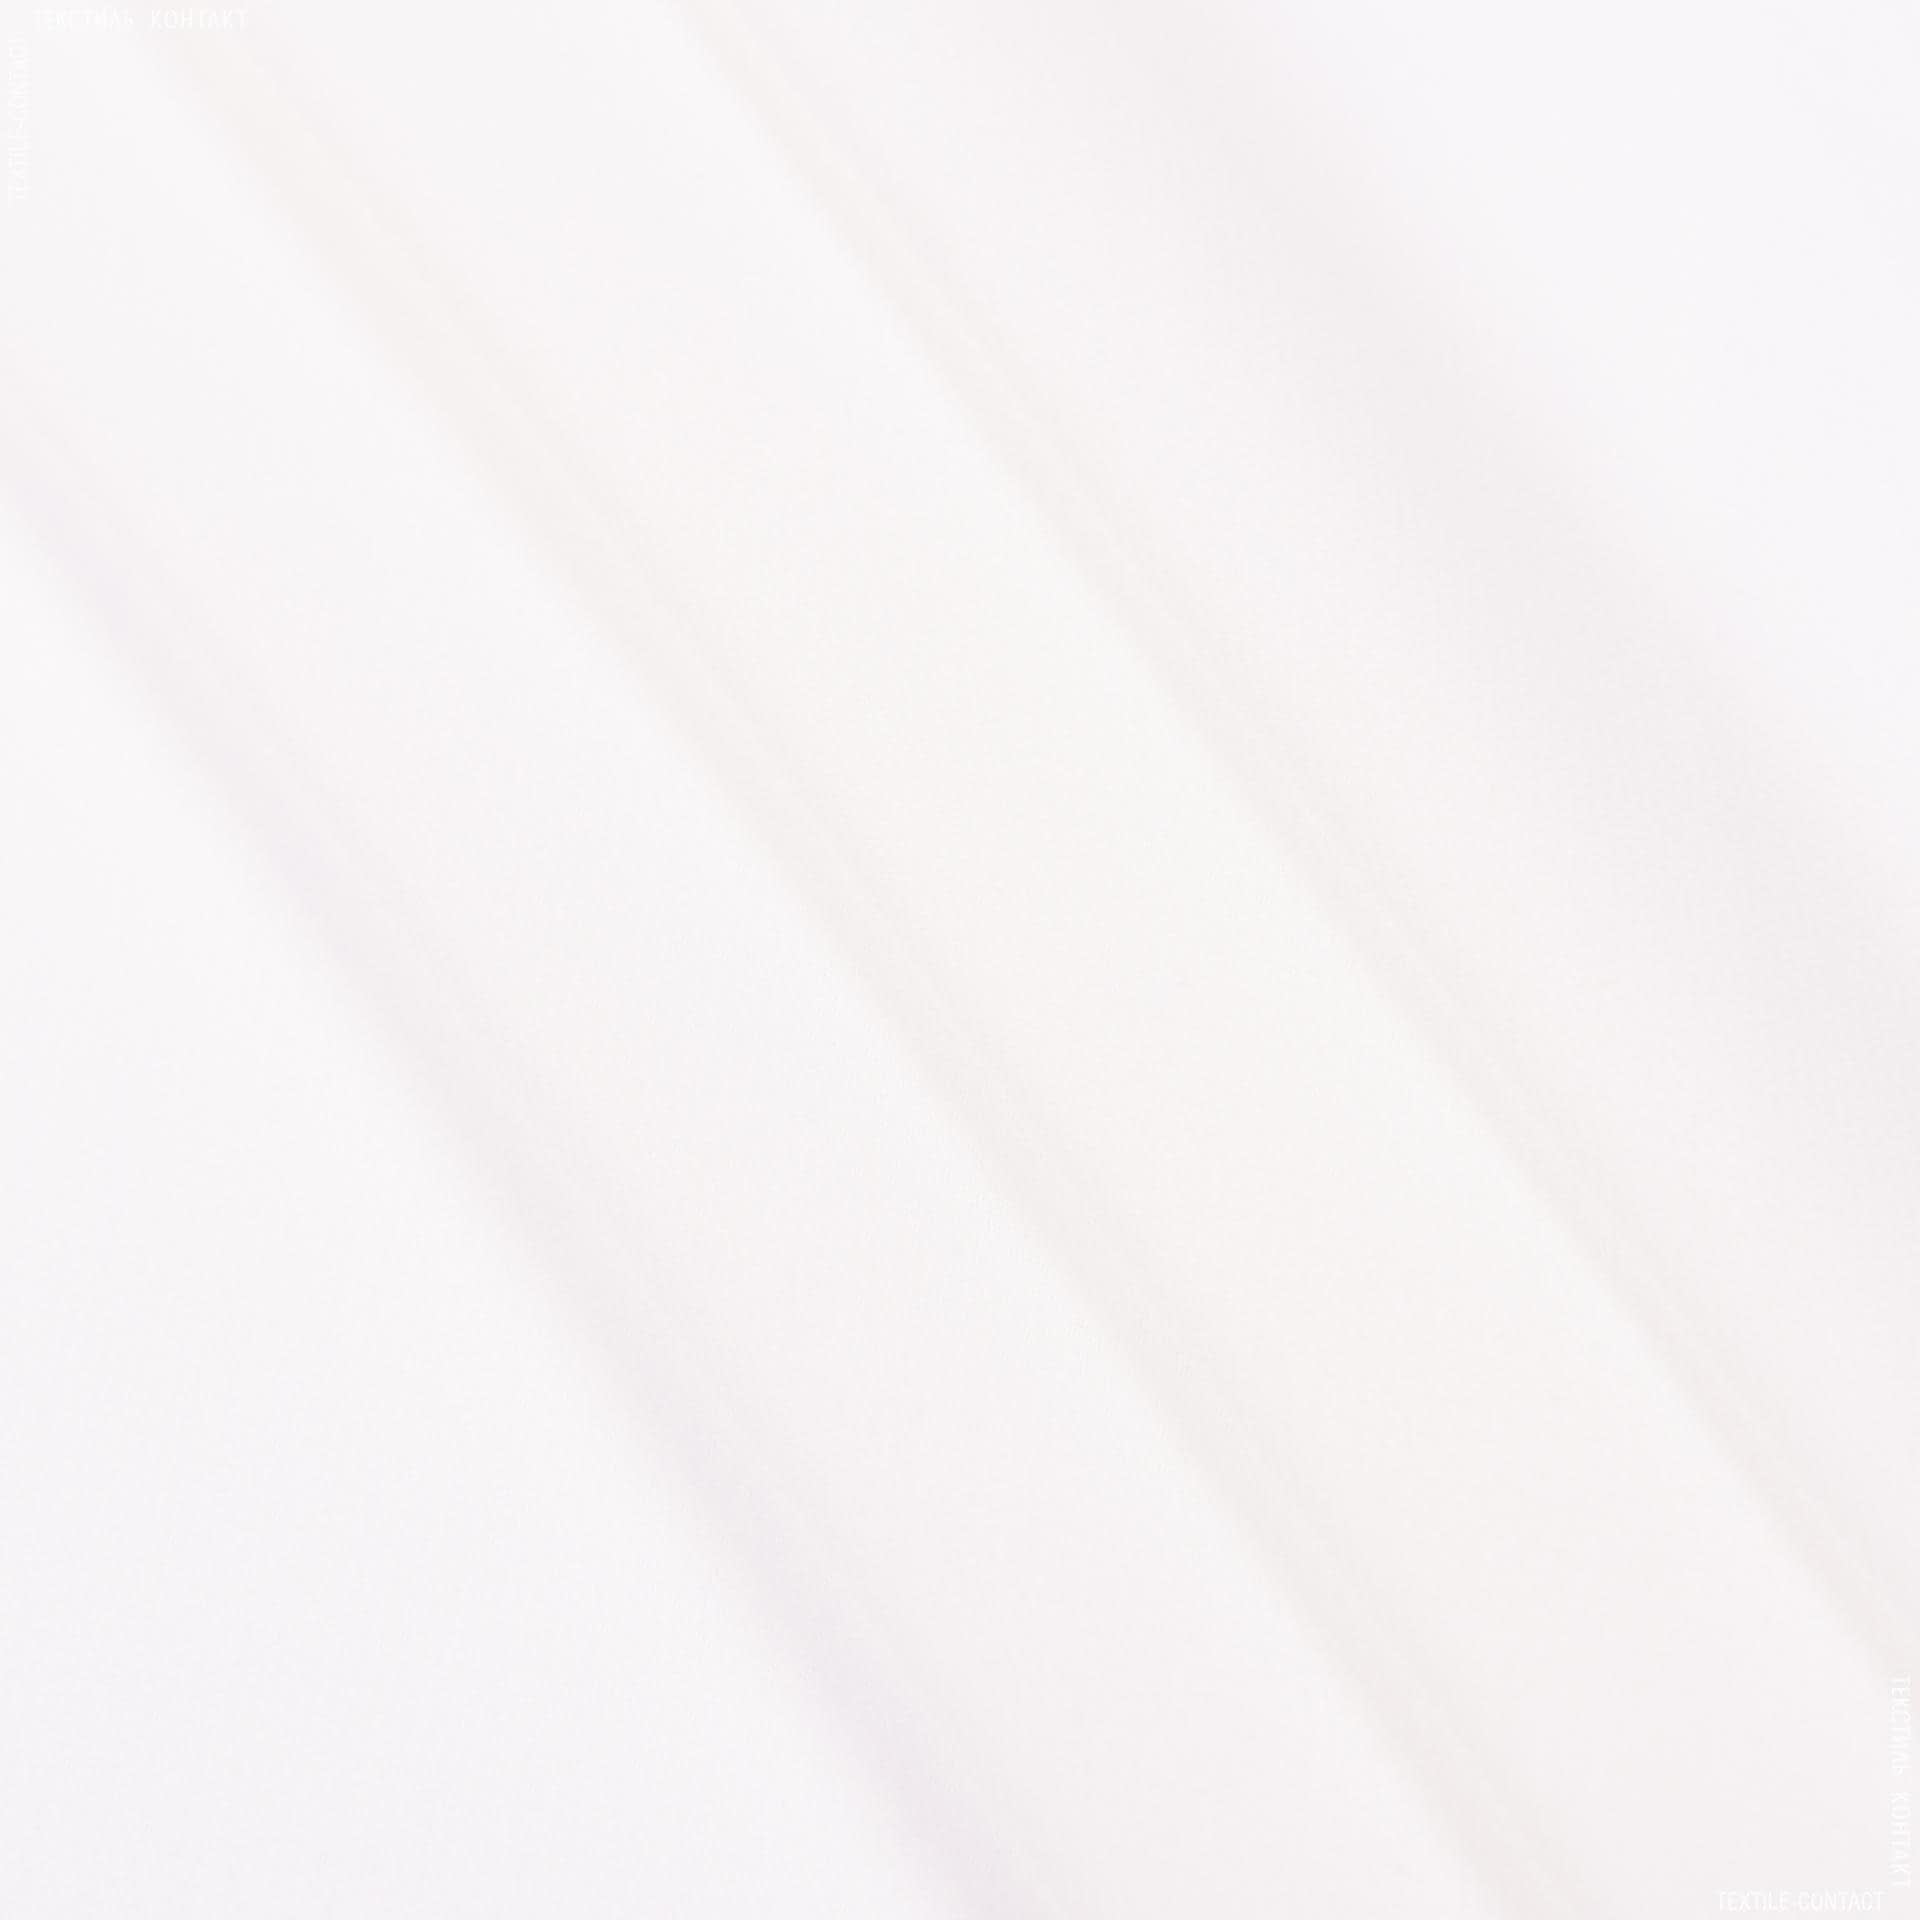 Тканини для хусток та бандан - Шифон мульті молочний